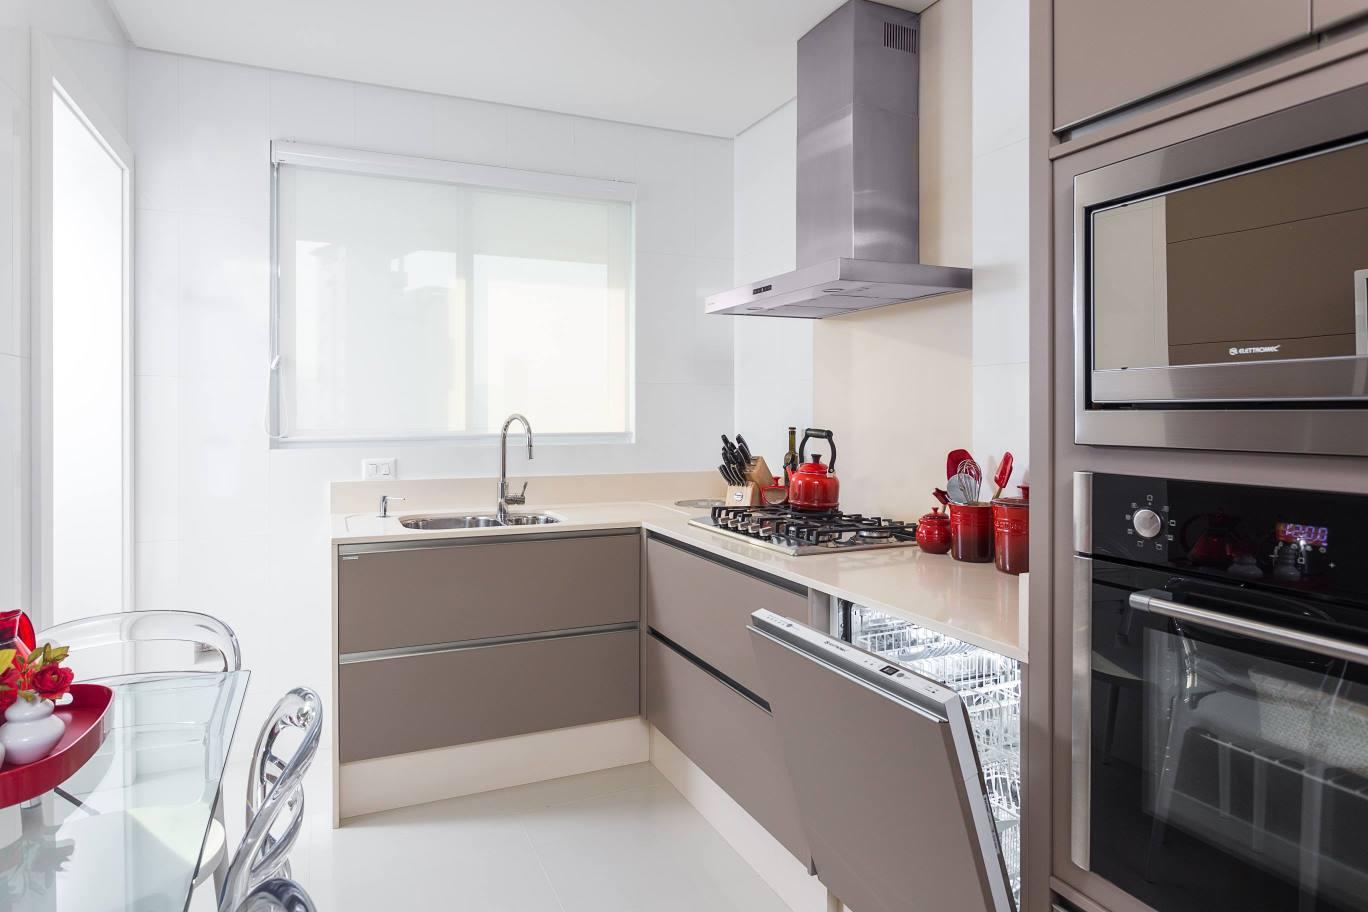 Eletrodomésticos: geladeira e lava louças embutidas no armário  #634440 1368 912